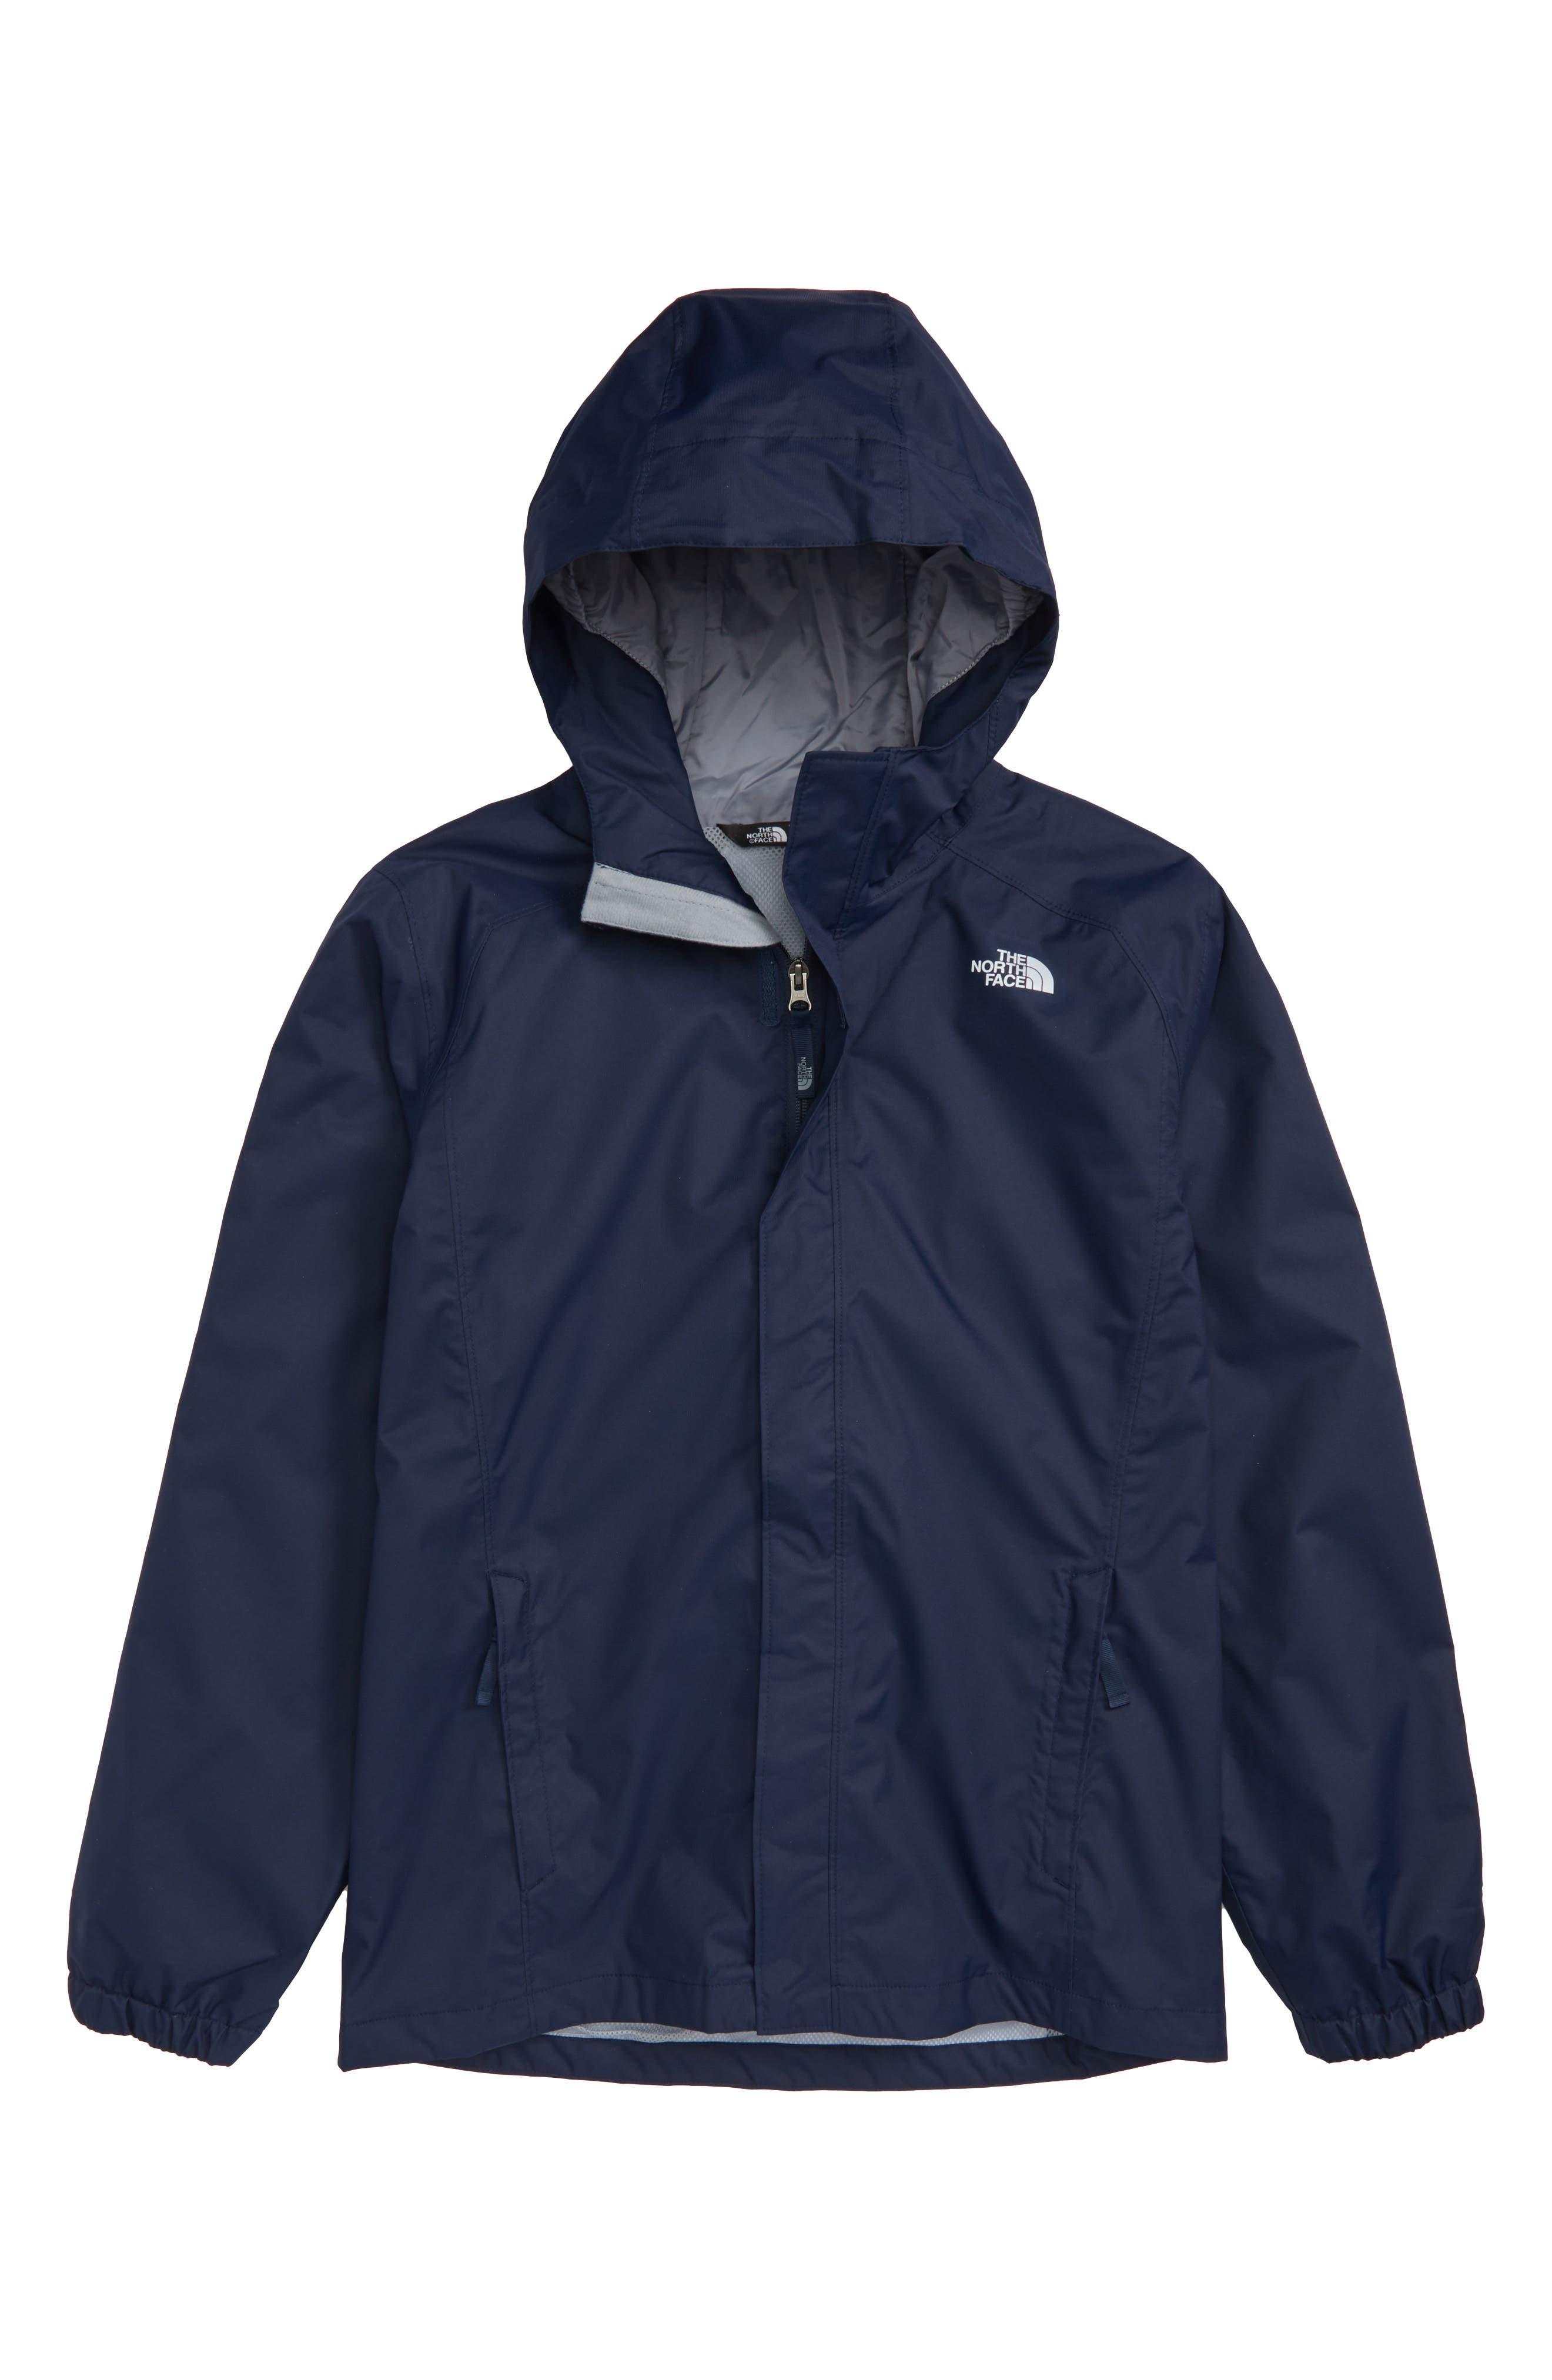 'Resolve' Waterproof Jacket,                         Main,                         color, Cosmic Blue/ Cosmic Blue